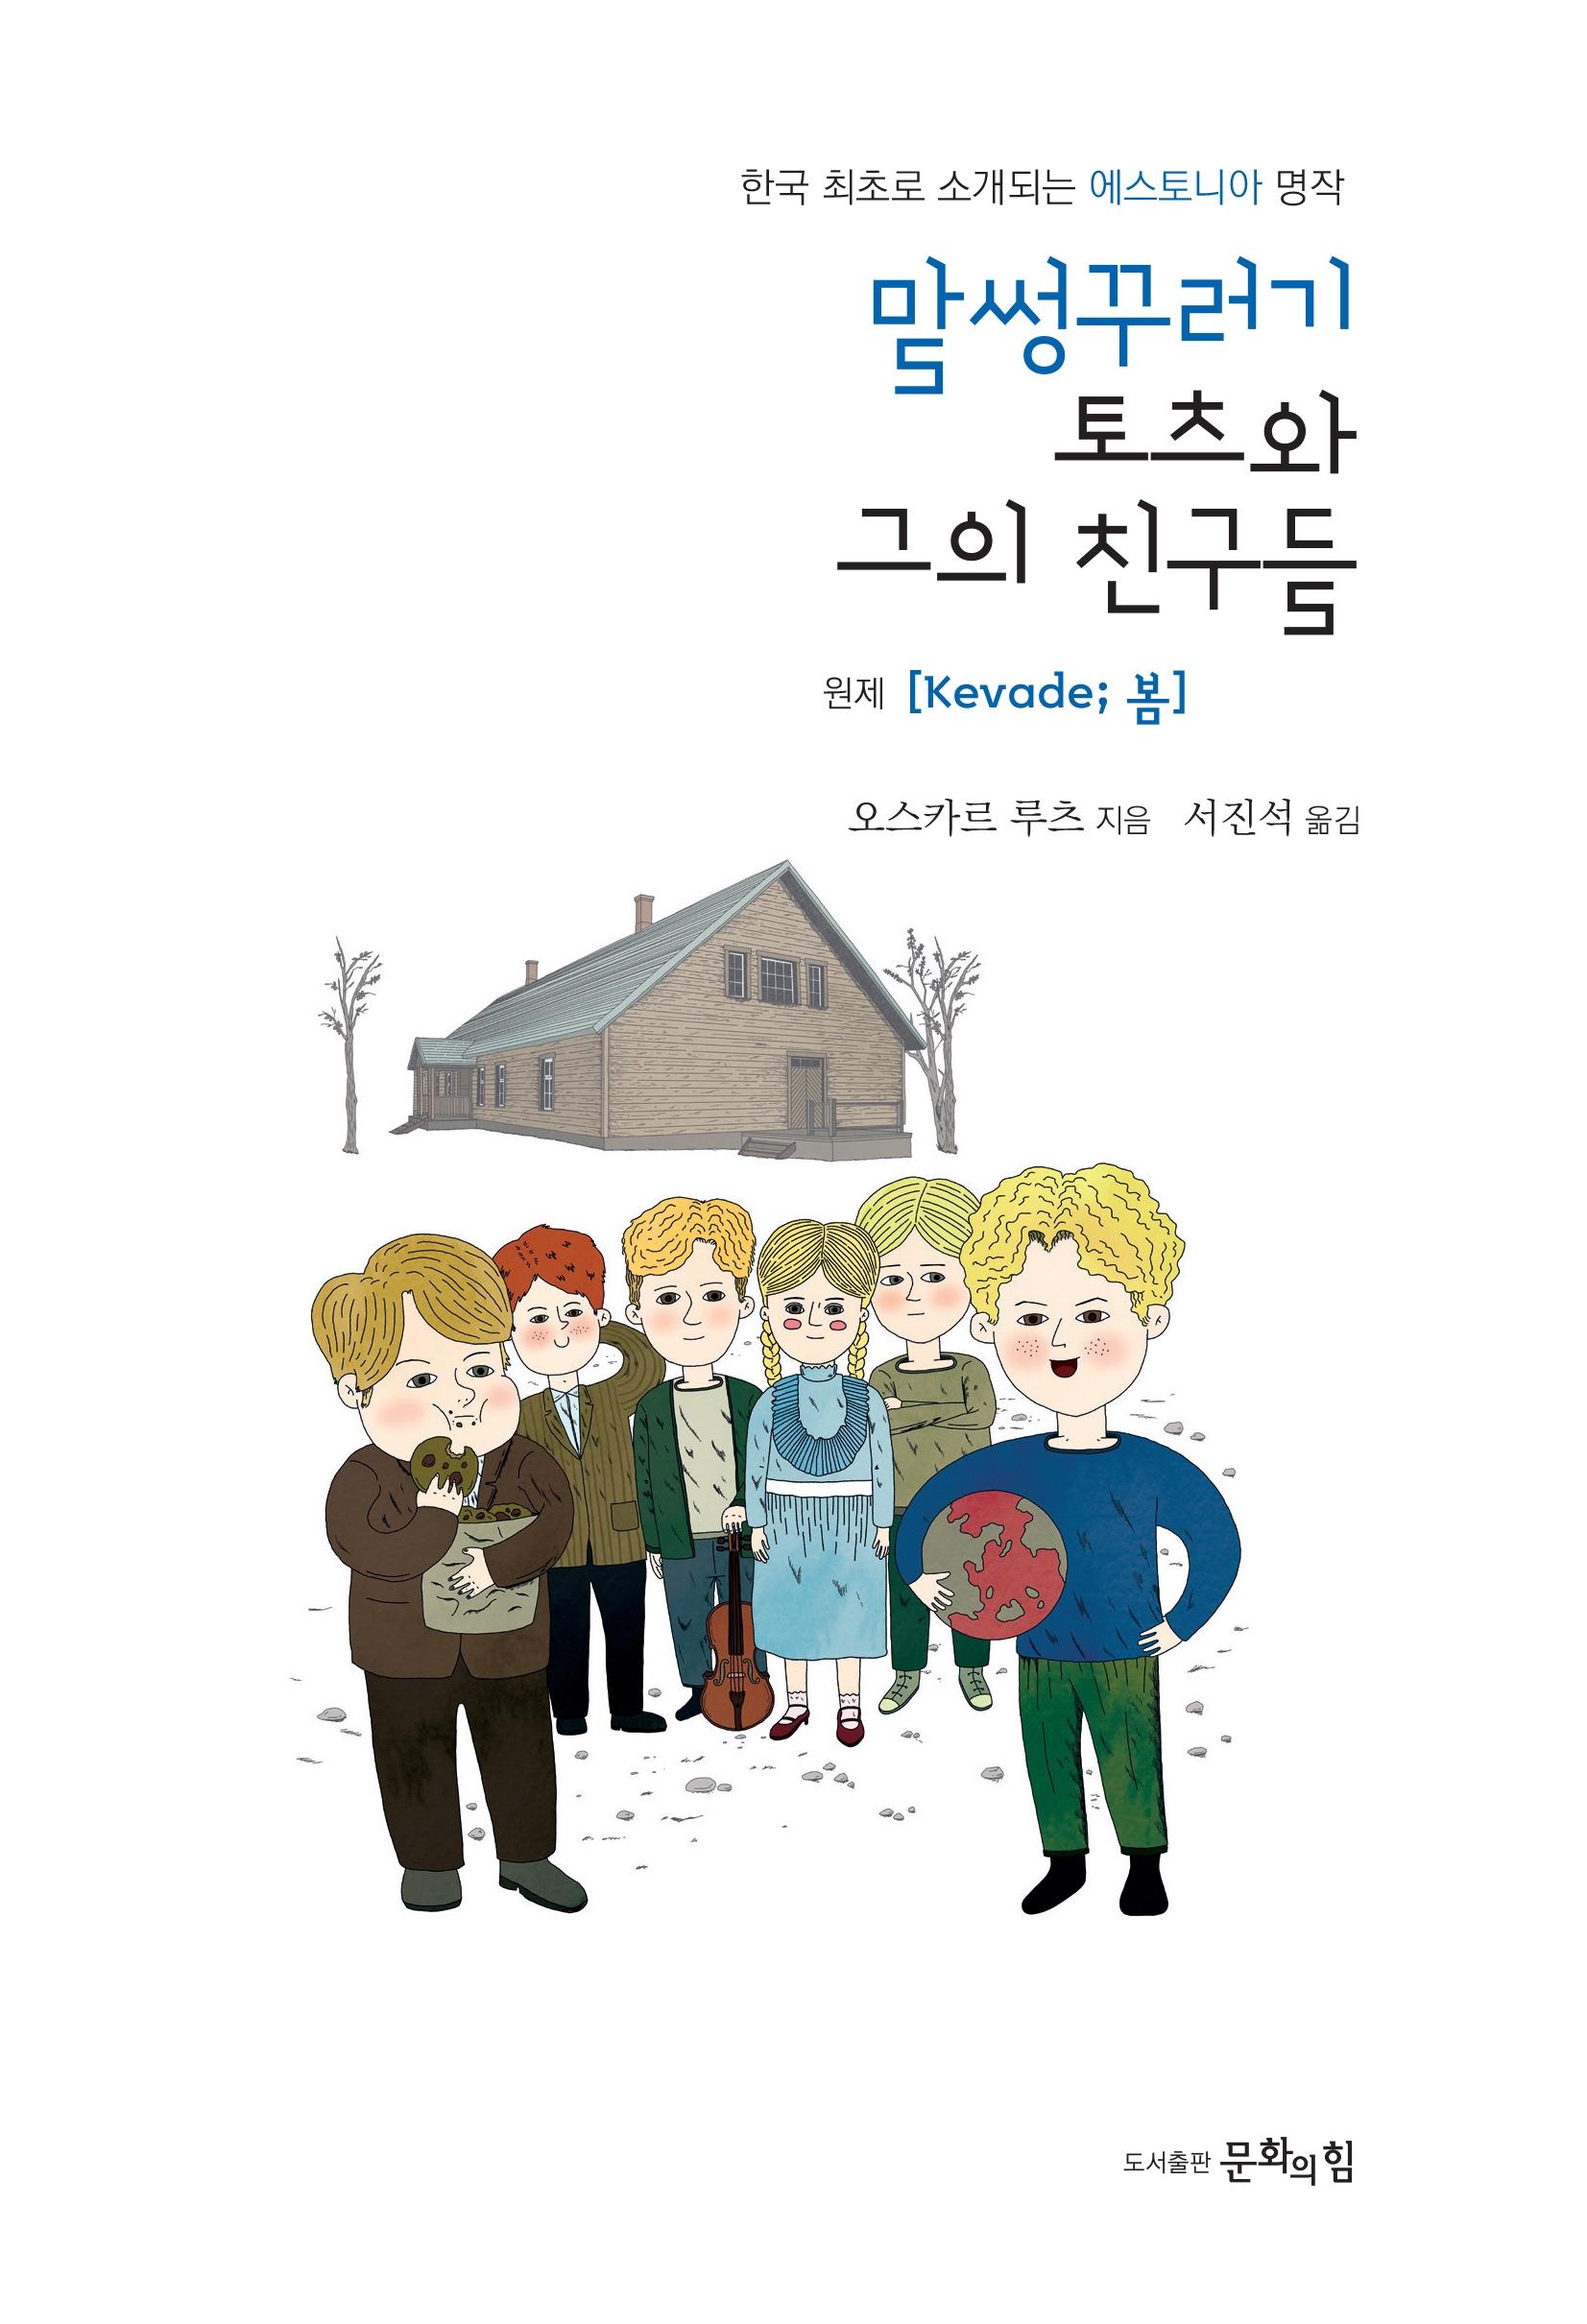 에스토니아의 작가 오스카르 루츠(1886-1932)의 소설 <말썽꾸러기 토츠와 그의 친구들>(원작 봄, kevde)이 한국어로 출간됐다.